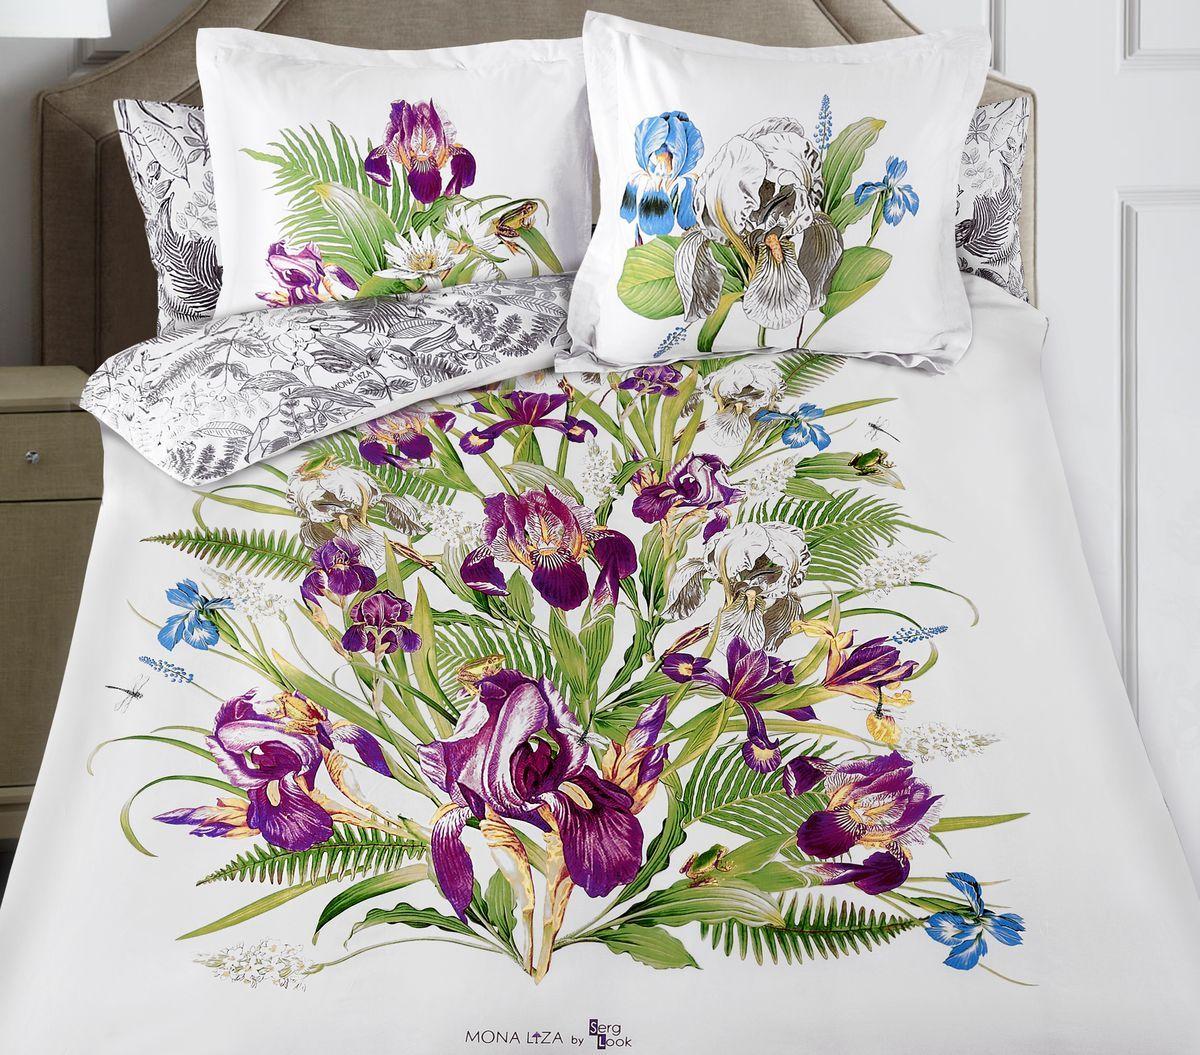 Комплект белья Mona Liza Iris, 2-спальный, наволочки 50x70, 70x70 смCLP446Флоральные мотивы редких экзотических цветов, переведенные в паттерн, позаимствованы из путешествий по тропическим лесам, будоражат воображение природными сочетаниями цветовых палитр и роскошью принтов. Коллекция принесет в ваш дом незабываемое настроение и добавит колорит. Высококачественный сатин окутает и позволит раствориться в мечтах о дальних жарких странах и окунуться во время вечного лета!